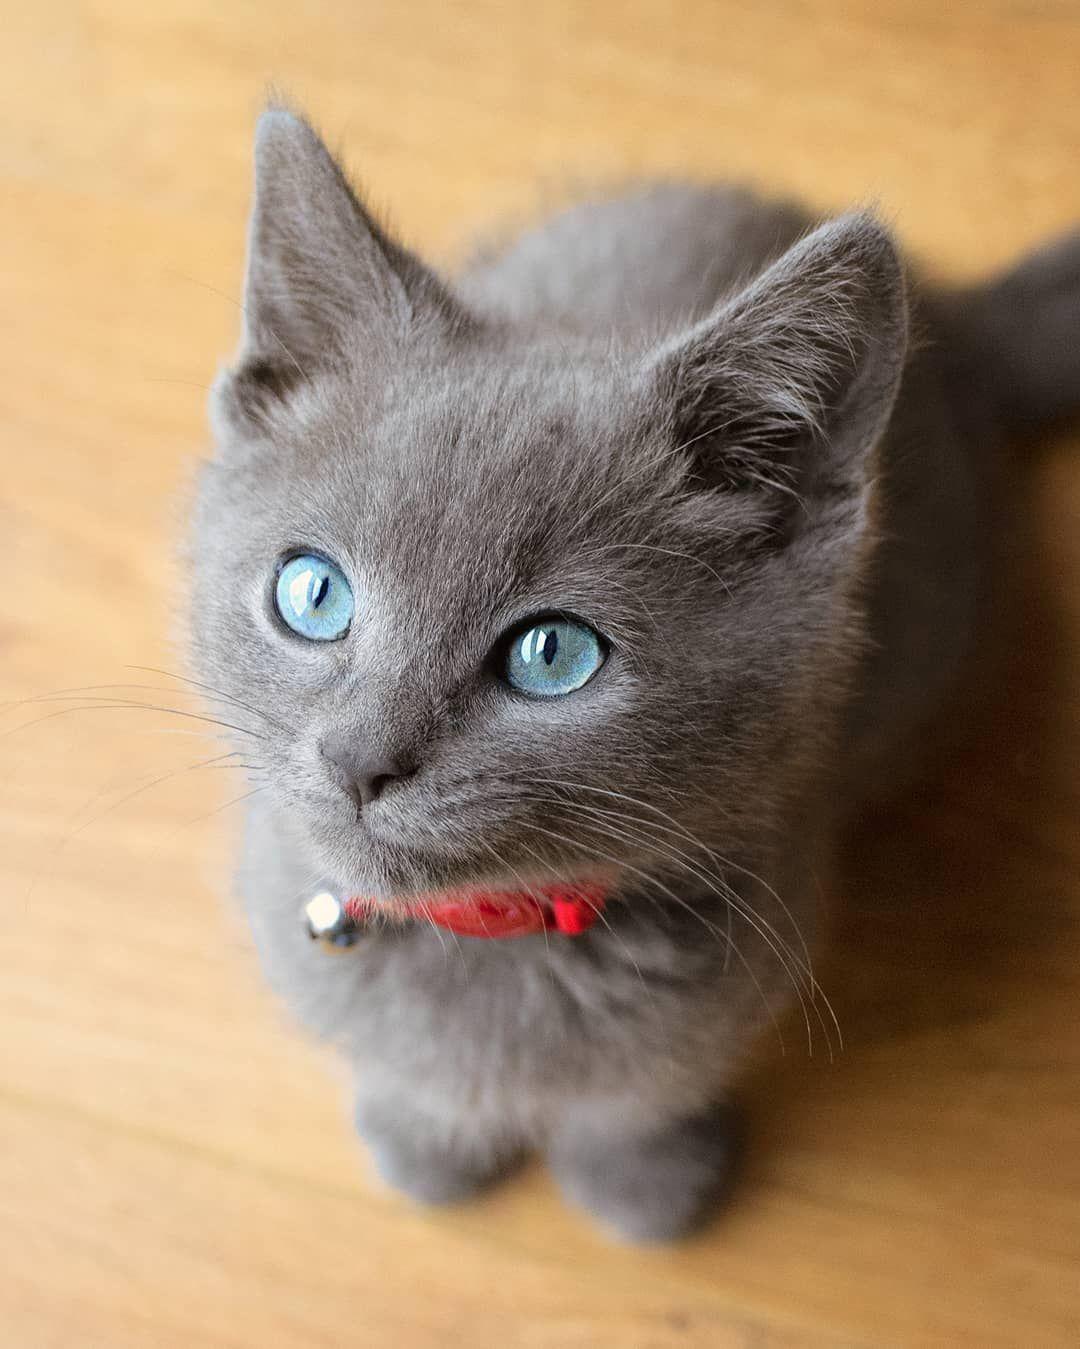 Stunning Russian Blue Kitten Music Indieartist Chicago Russian Blue Kitten Kittens Cutest Beautiful Cats